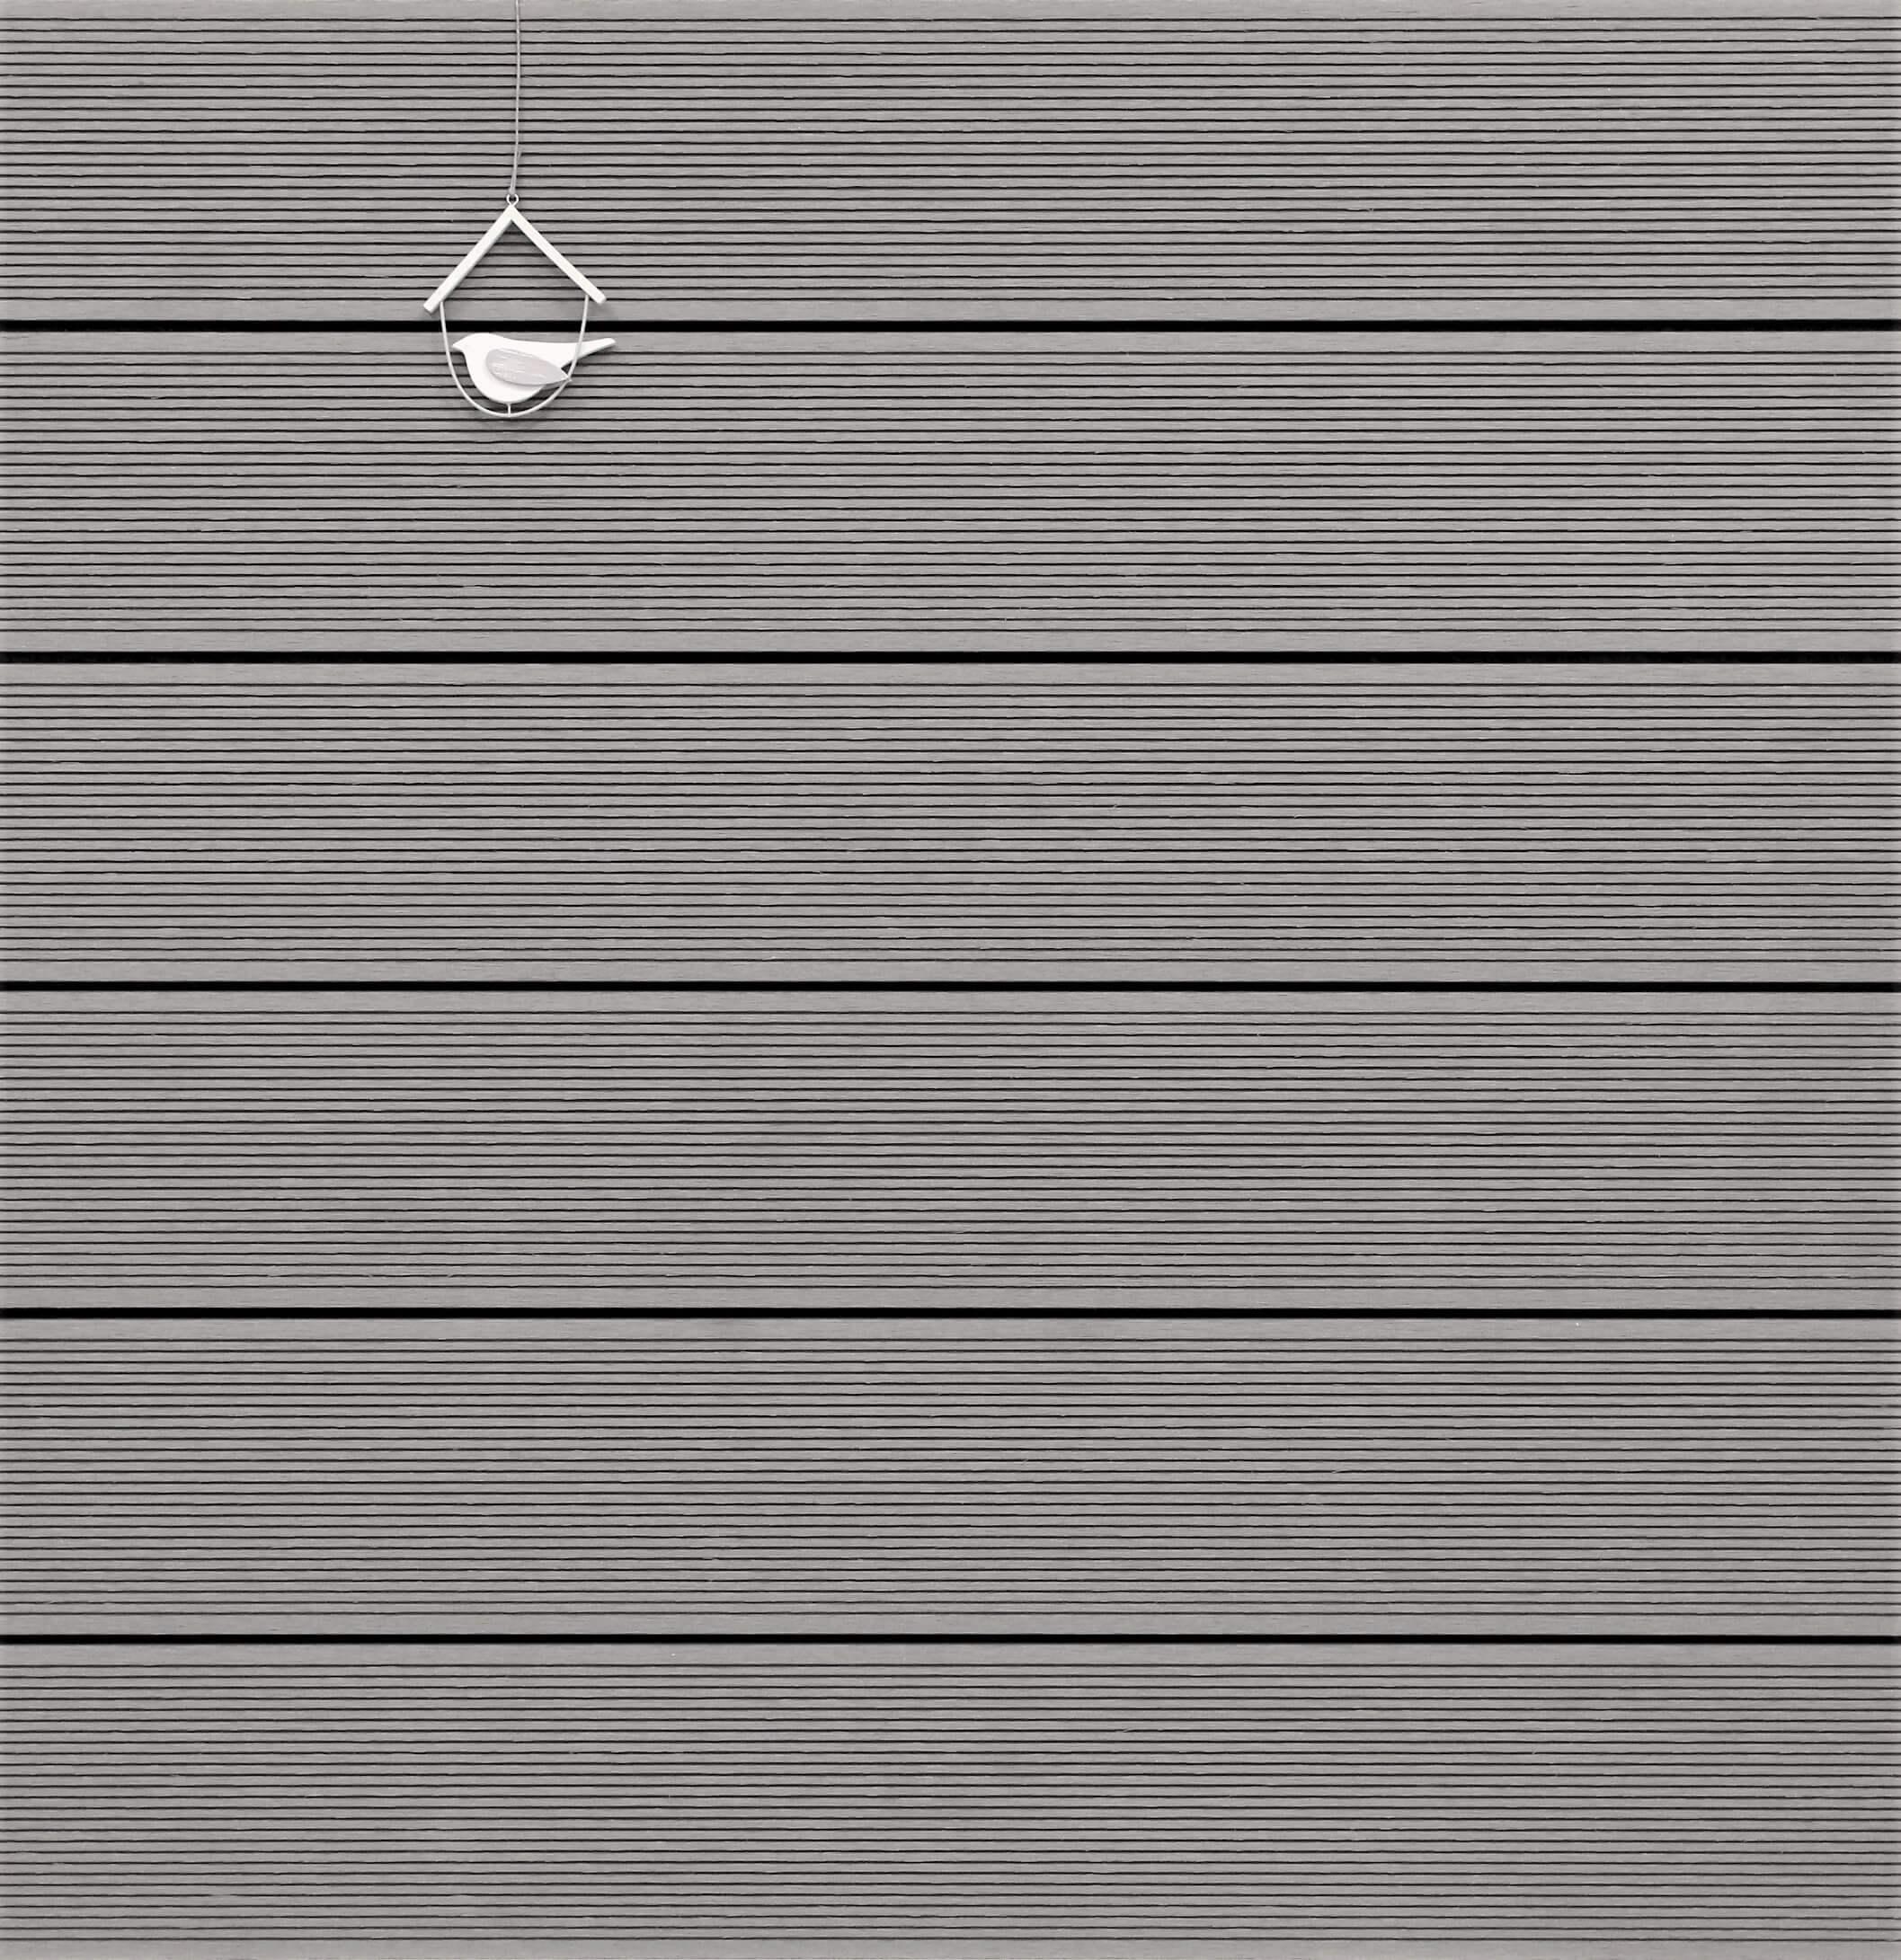 WPC Terrassendielen massiv, Oberfläche fein gerillt, Farbton hellgrau, 22 x 143 bis 4800 mm für 7,90 €/lfm